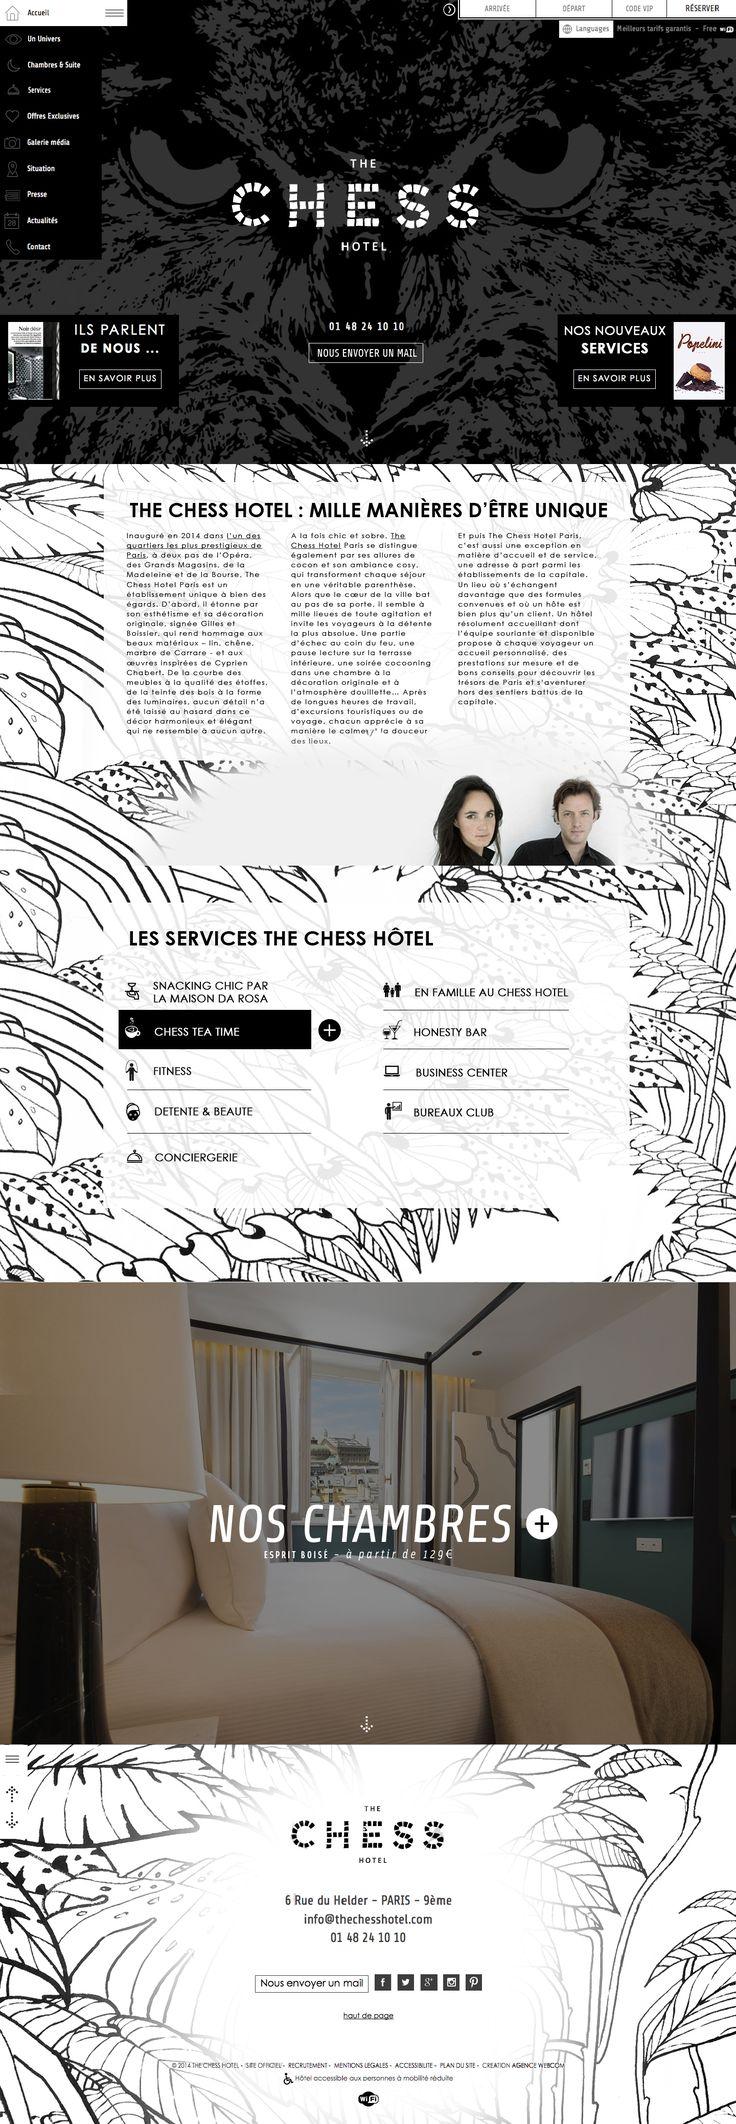 Inauguré en 2014 dans l'un des quartiers les plus prestigieux de Paris, à deux pas de l'Opéra, des Grands Magasins Printemps et Galeries Lafayette, de la Madeleine et de la Place Vendôme, The Chess Hotel Paris est un établissement 4 étoiles unique à bien des égards.